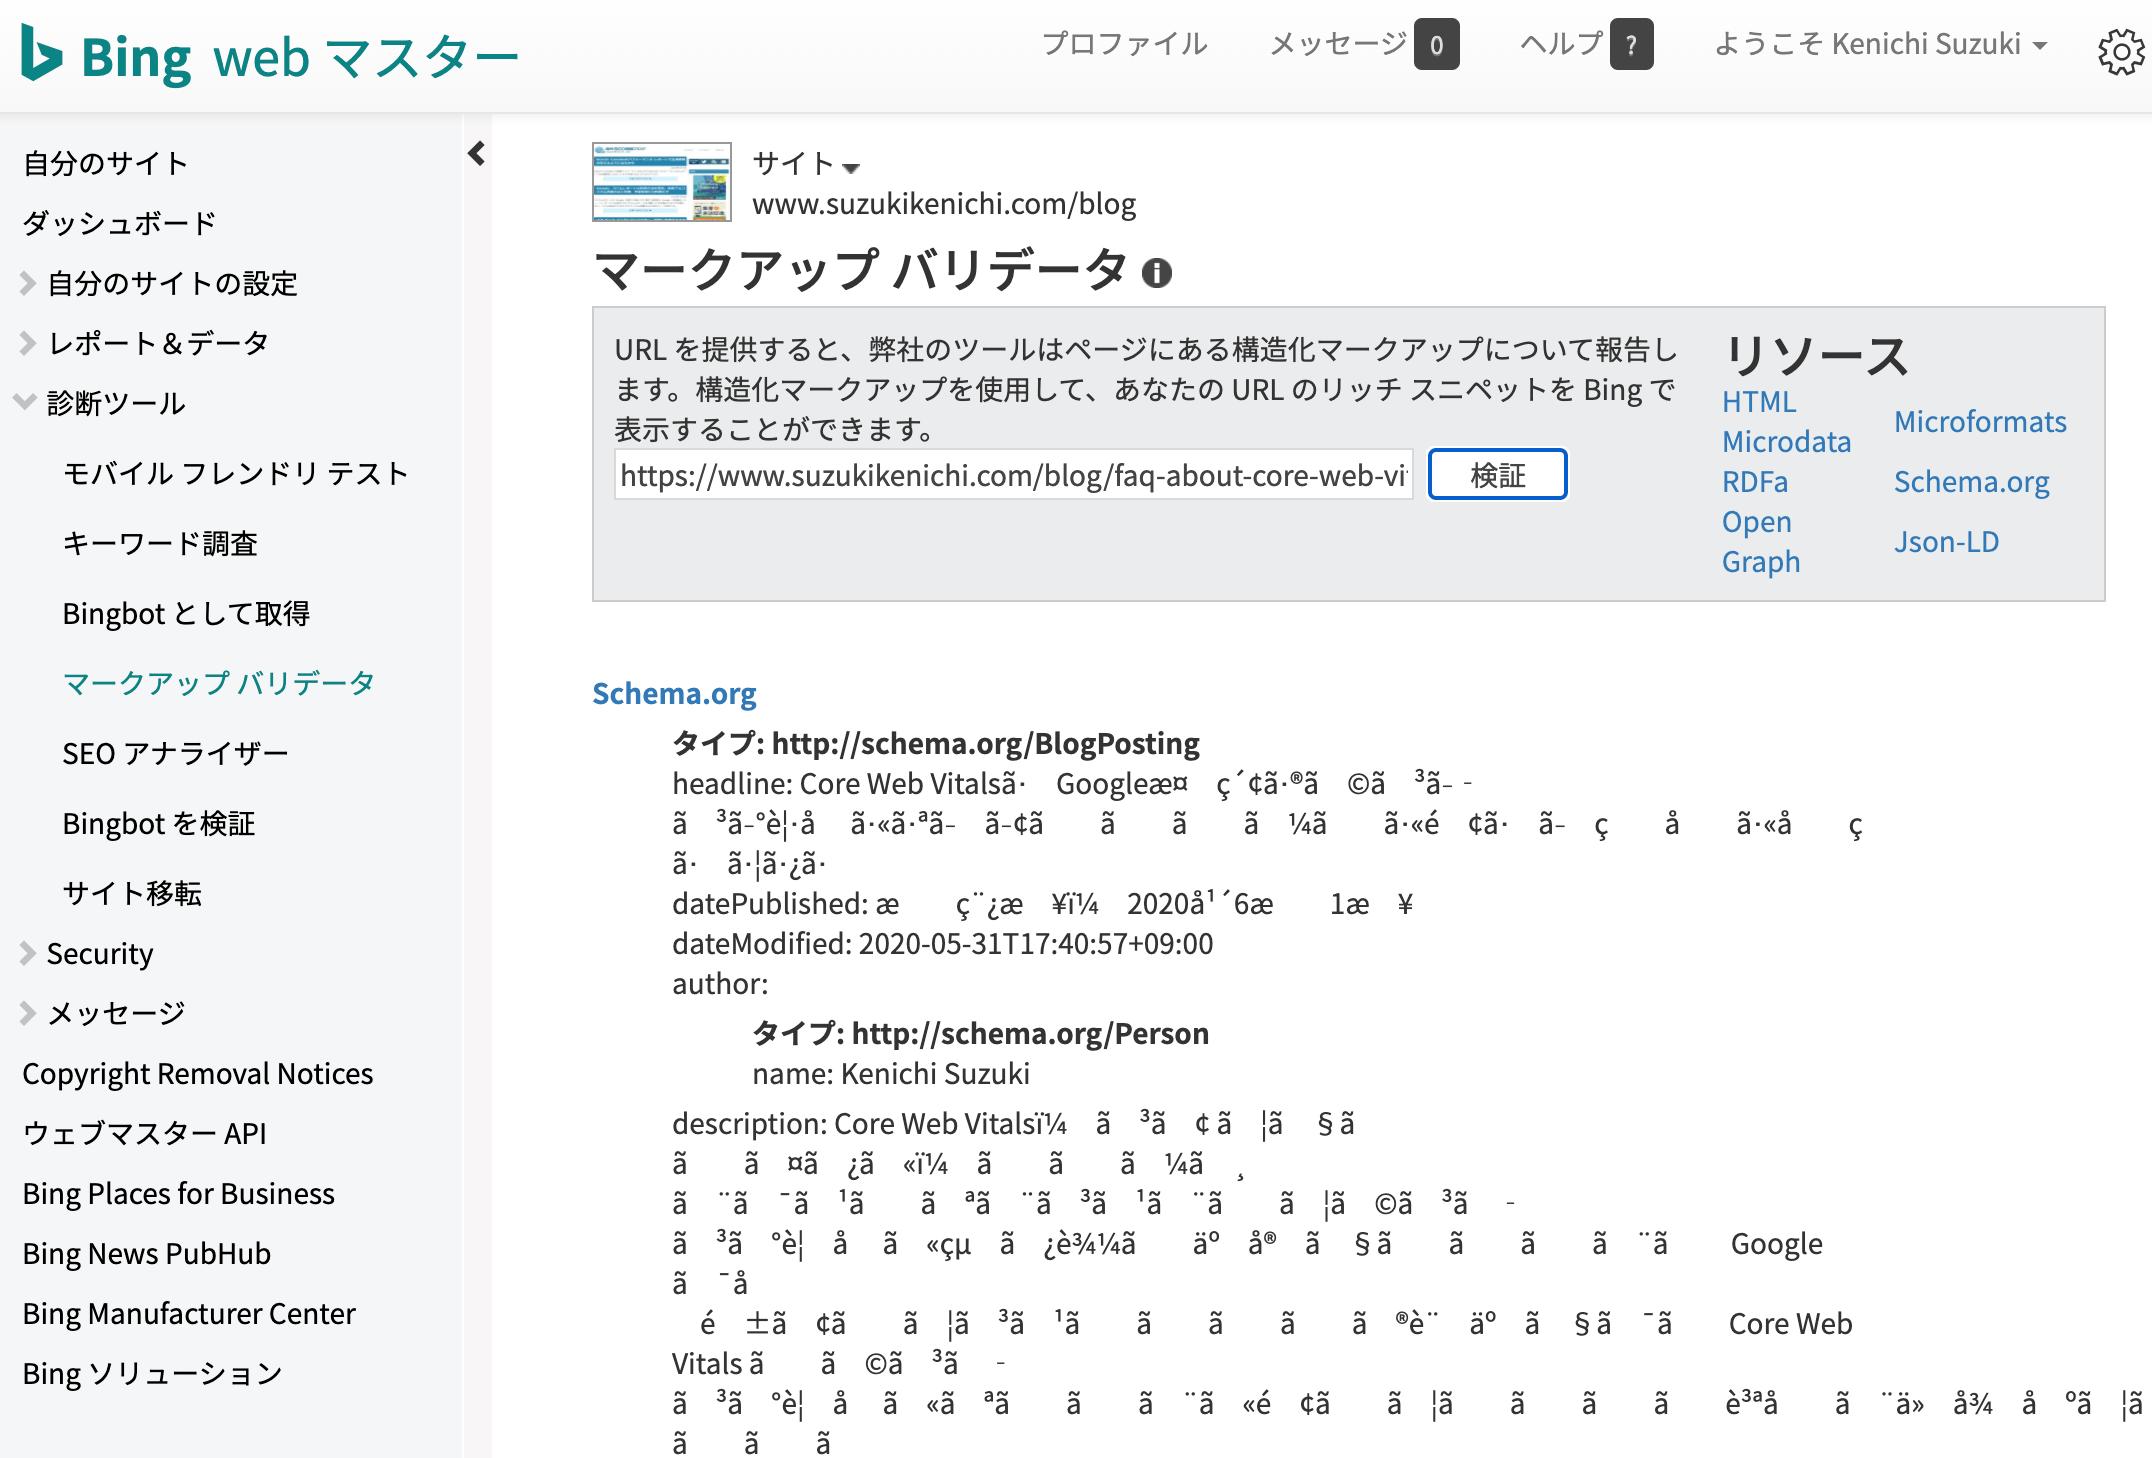 Bing web マスター ツールのマークアップ バリデータ